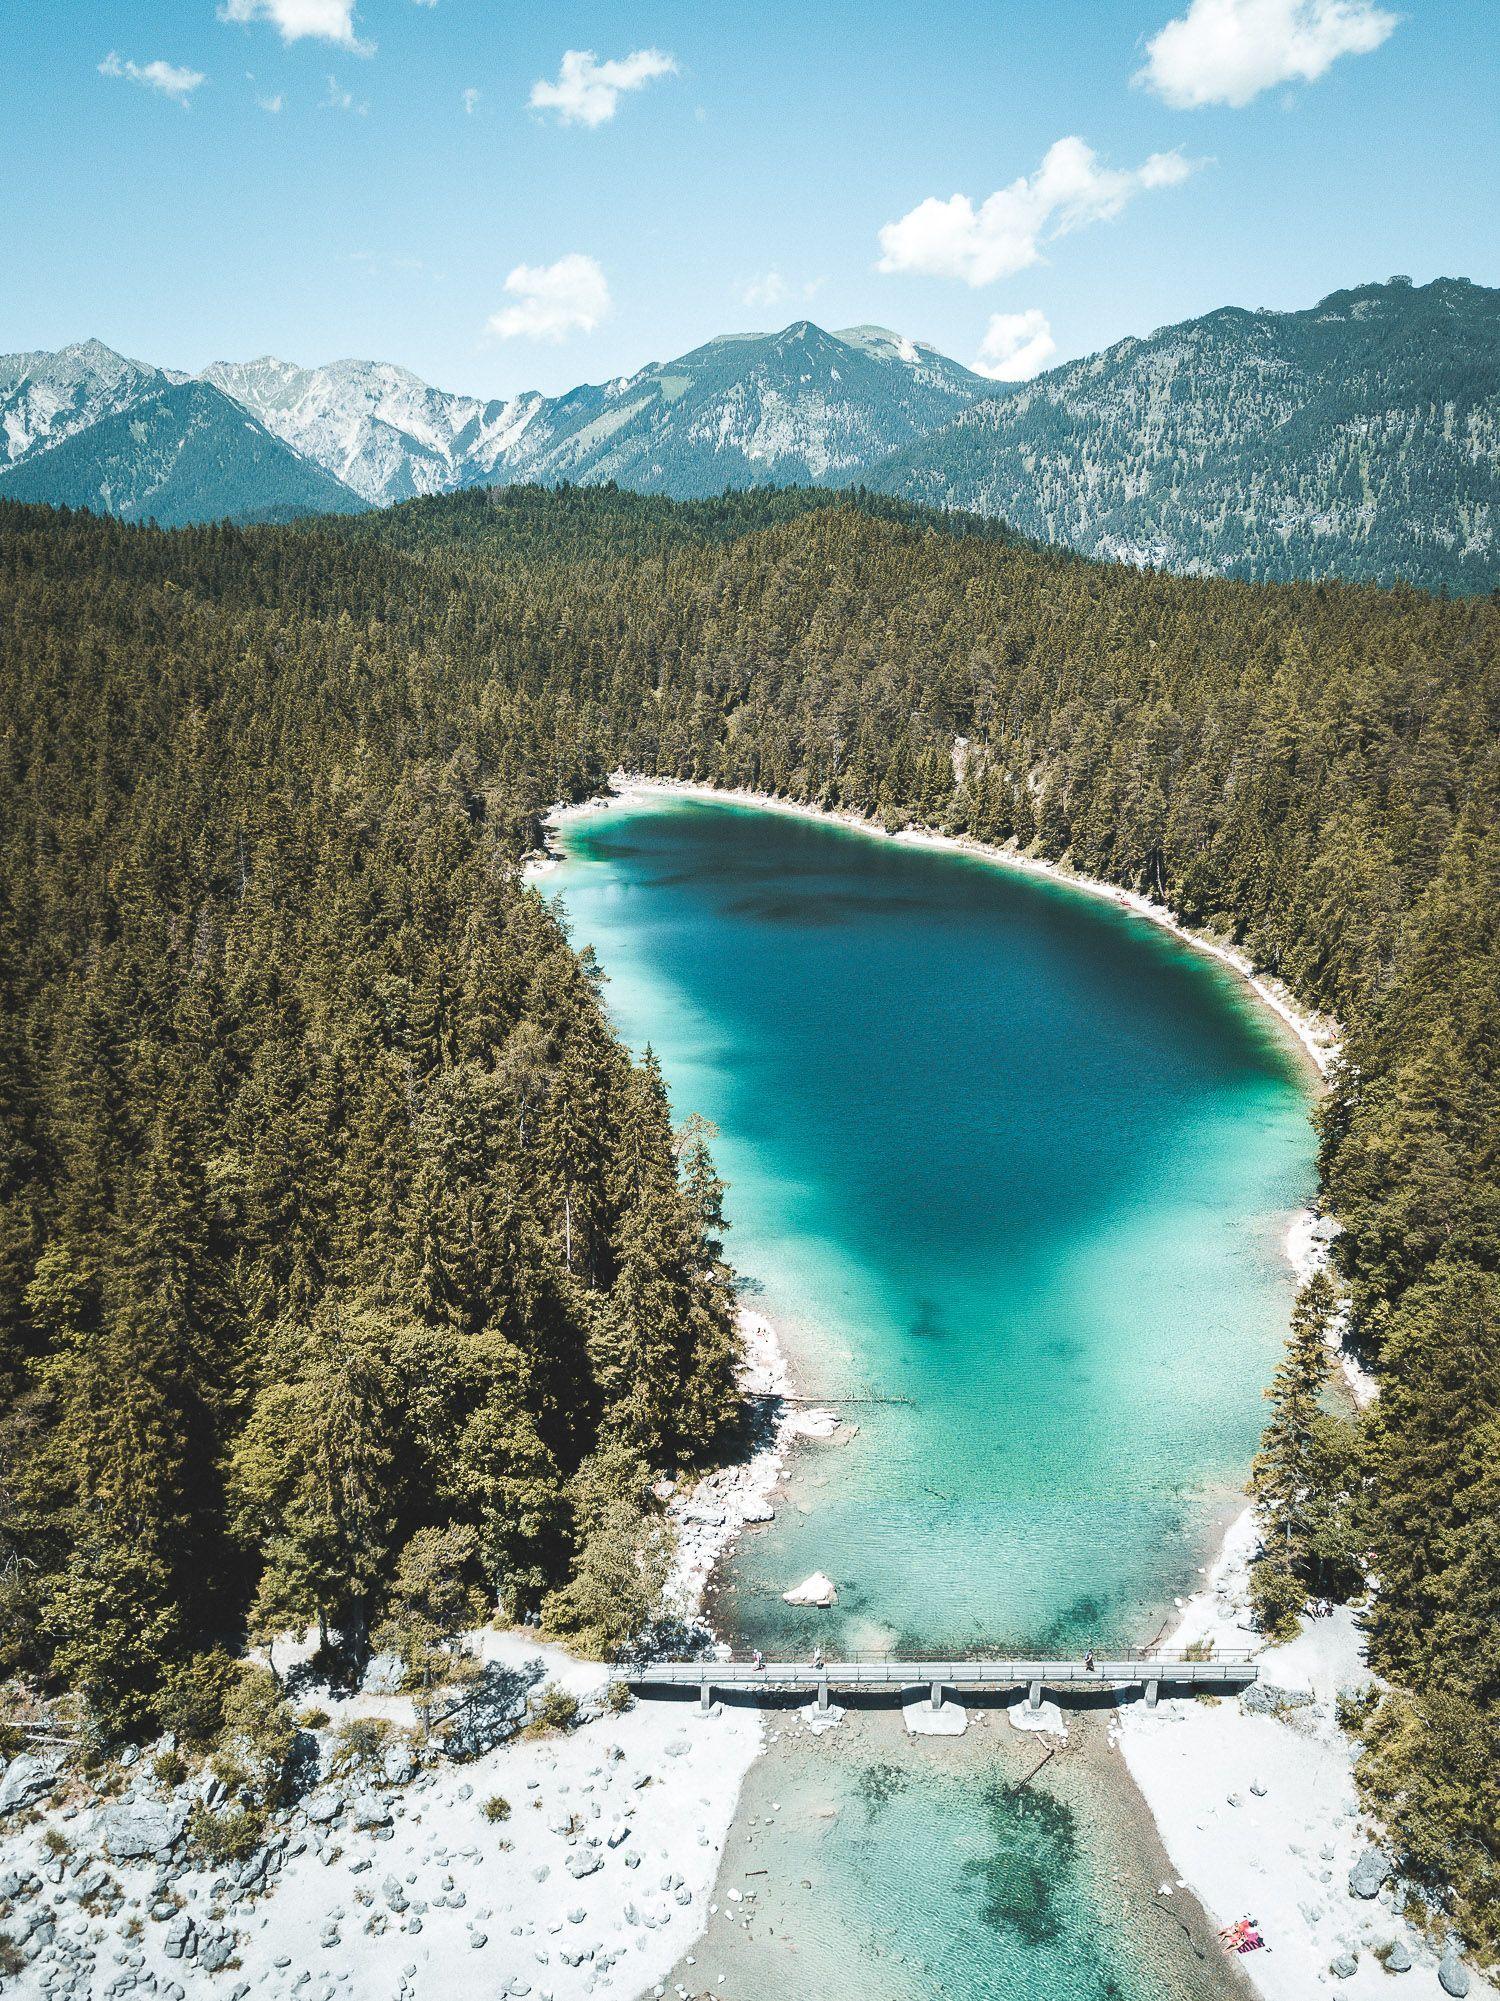 Der Eibsee An Der Zugspitze In Bayern Fotografiert Mit Einer Drohne Brucke Am See Berge Kristallklares Wasser Ein Ausf In 2020 Trip Travel Images Travel Dreams